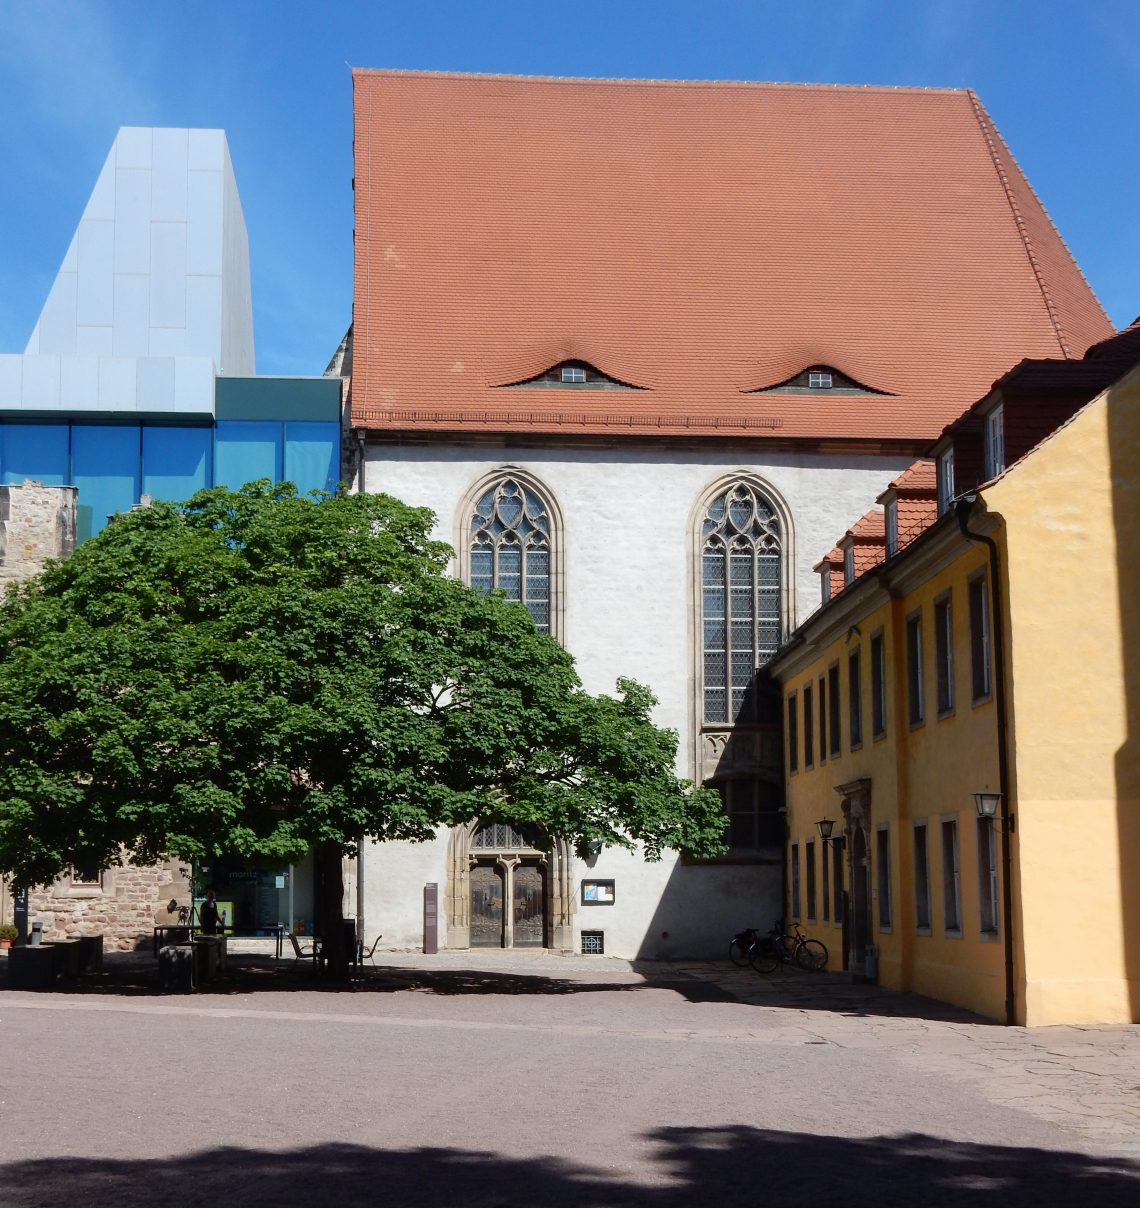 Moritzburg, Halle, 4 mei 2018. Foto met dank aan Coert Peter Krabbe©